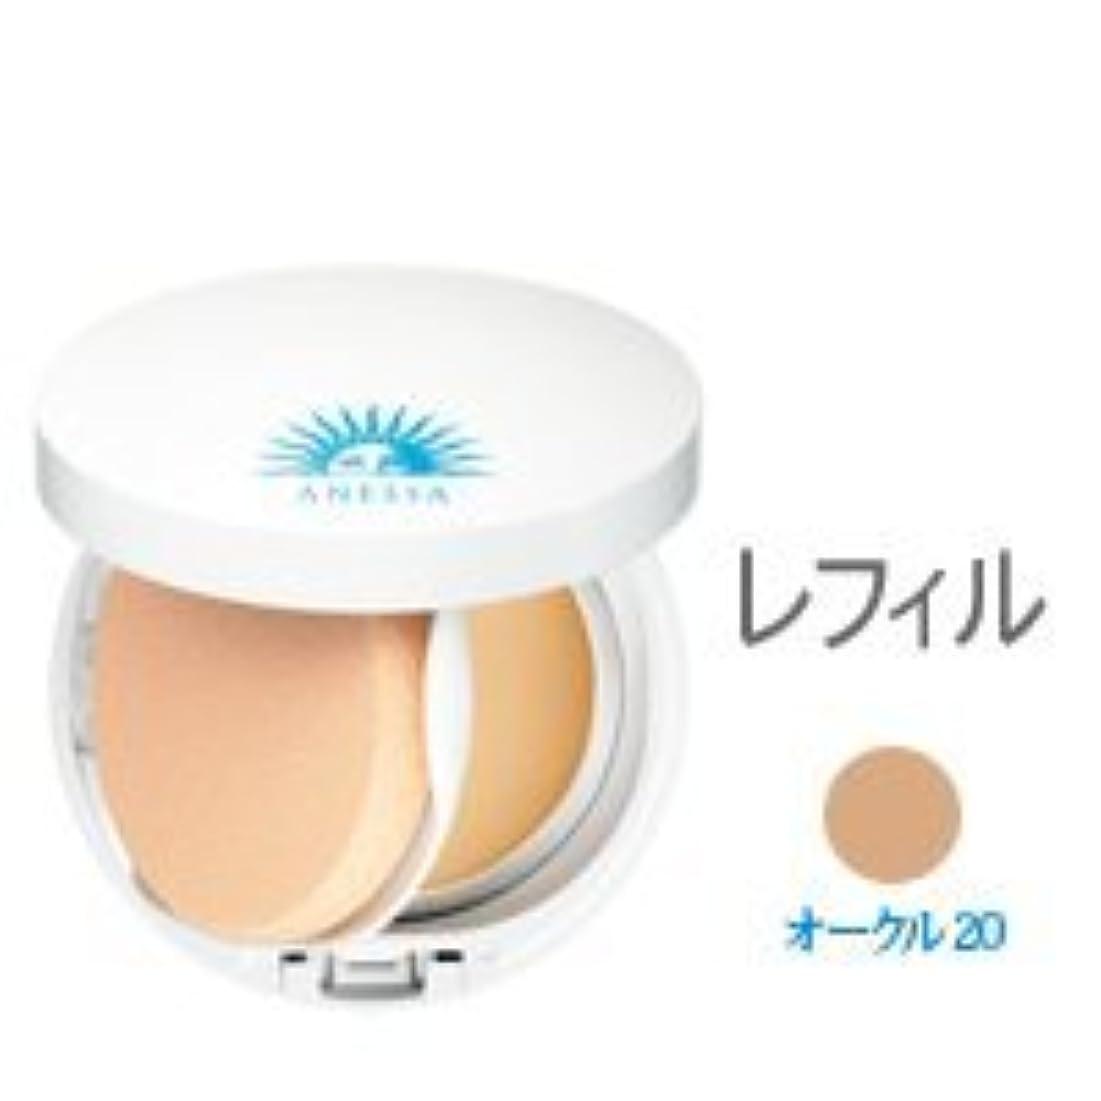 香水粘土そんなにSHISEIDO アネッサ パーフェクトUVパクトN OC-20 (レフィル) [並行輸入品]